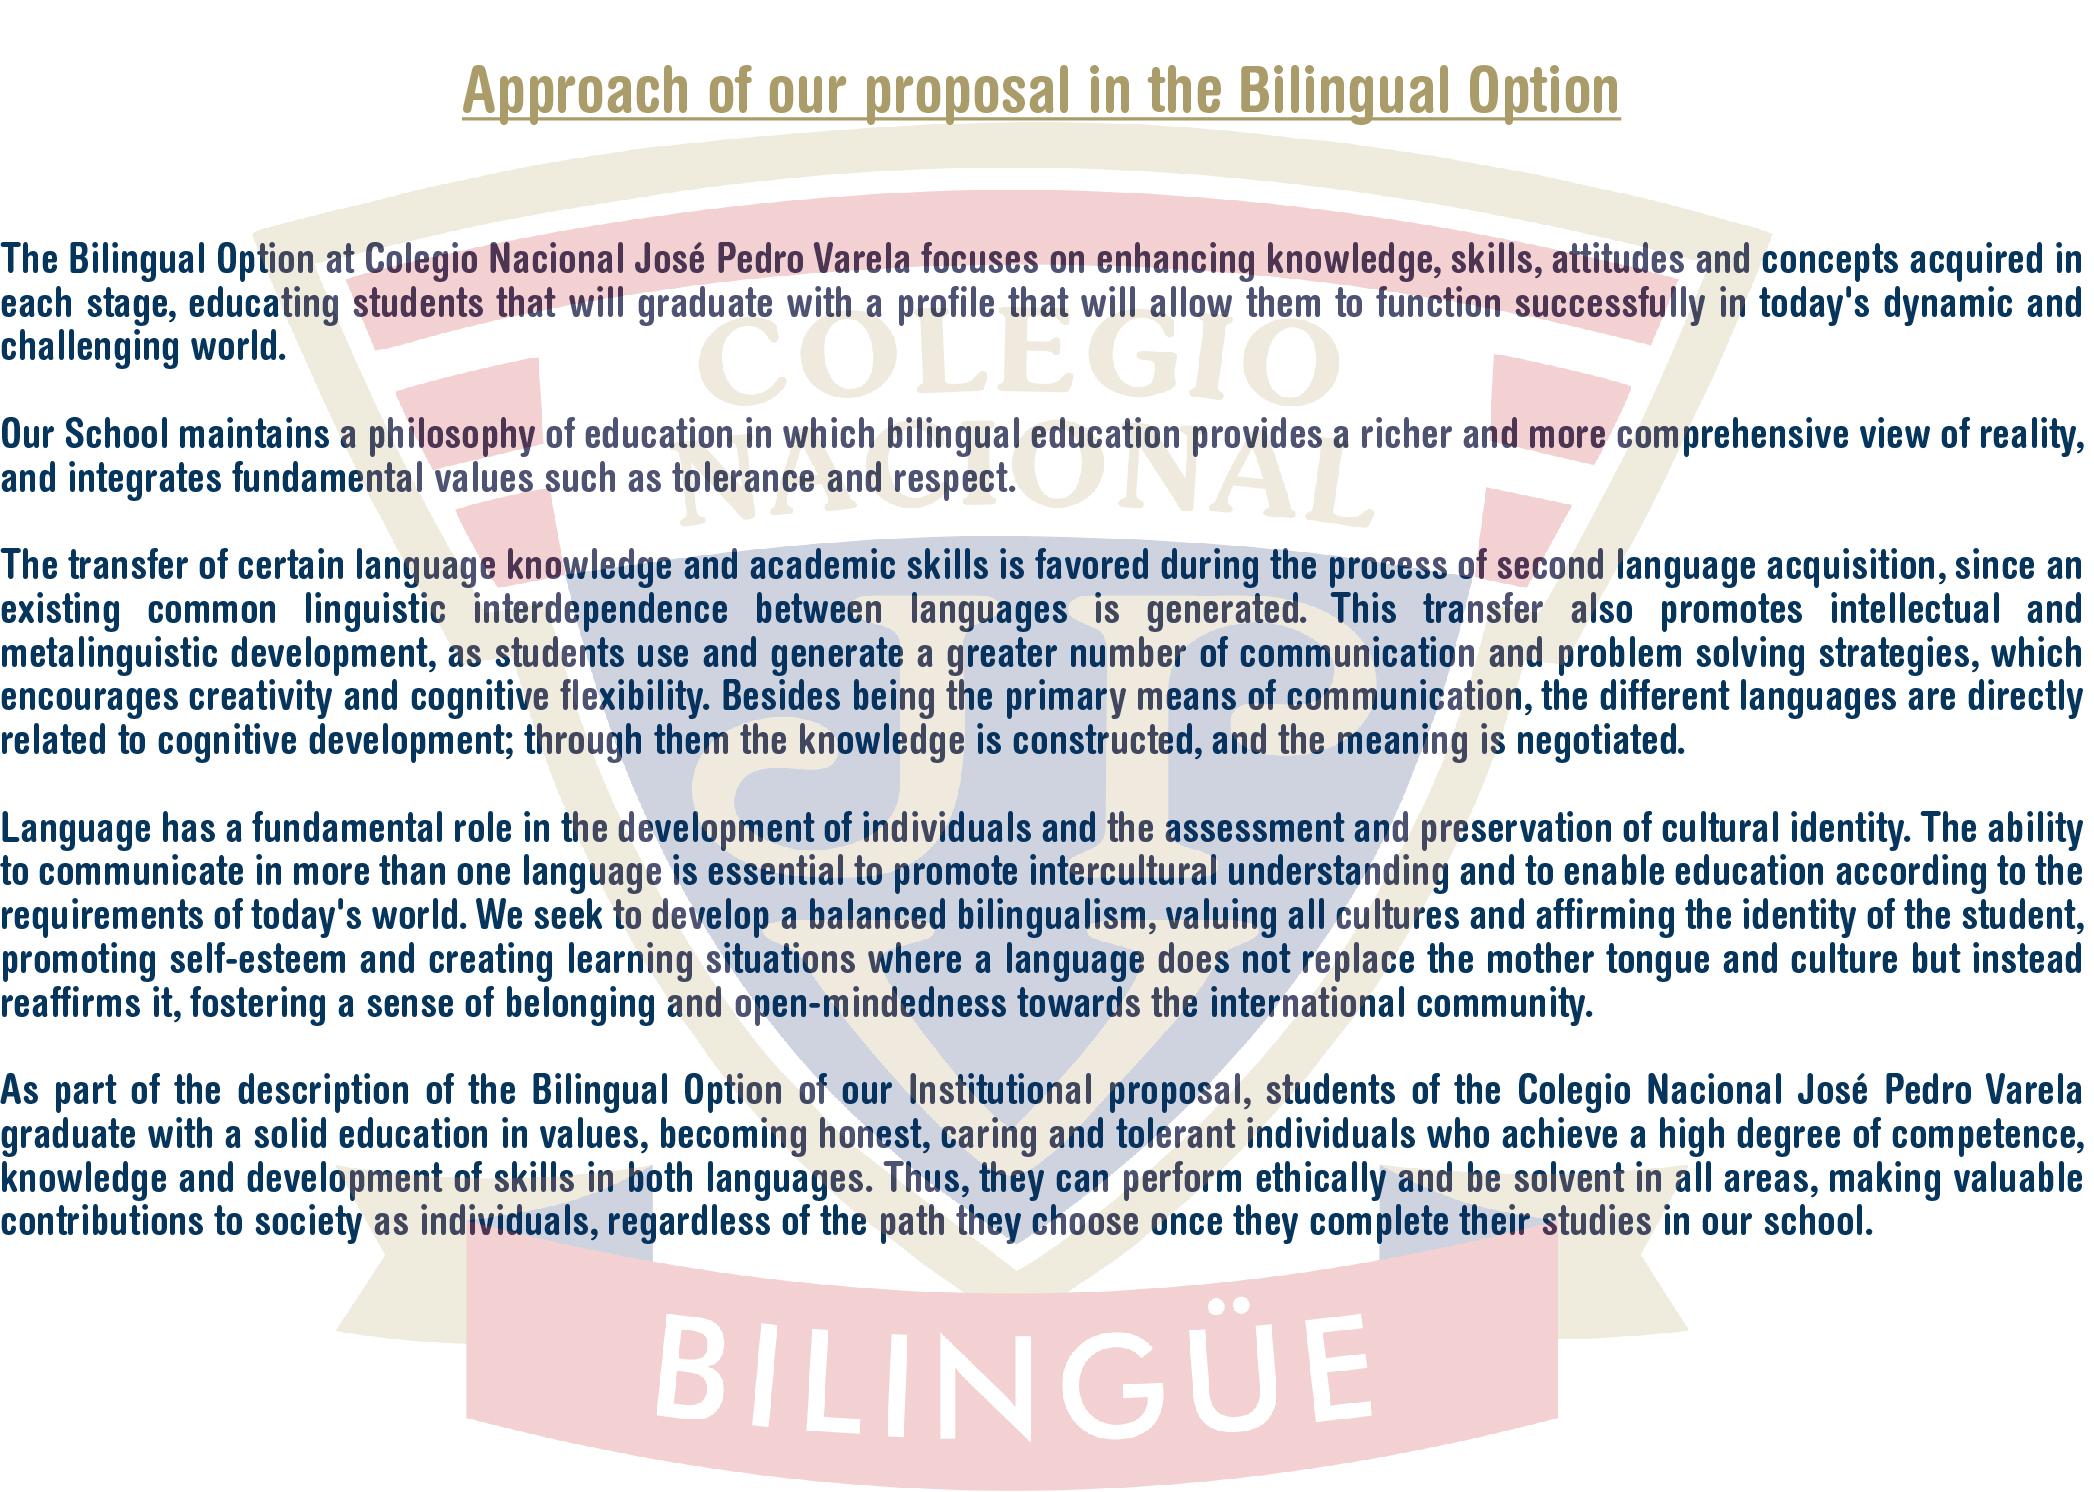 Enfoque de nuestra propuesta en la Opción Bilingüe eng